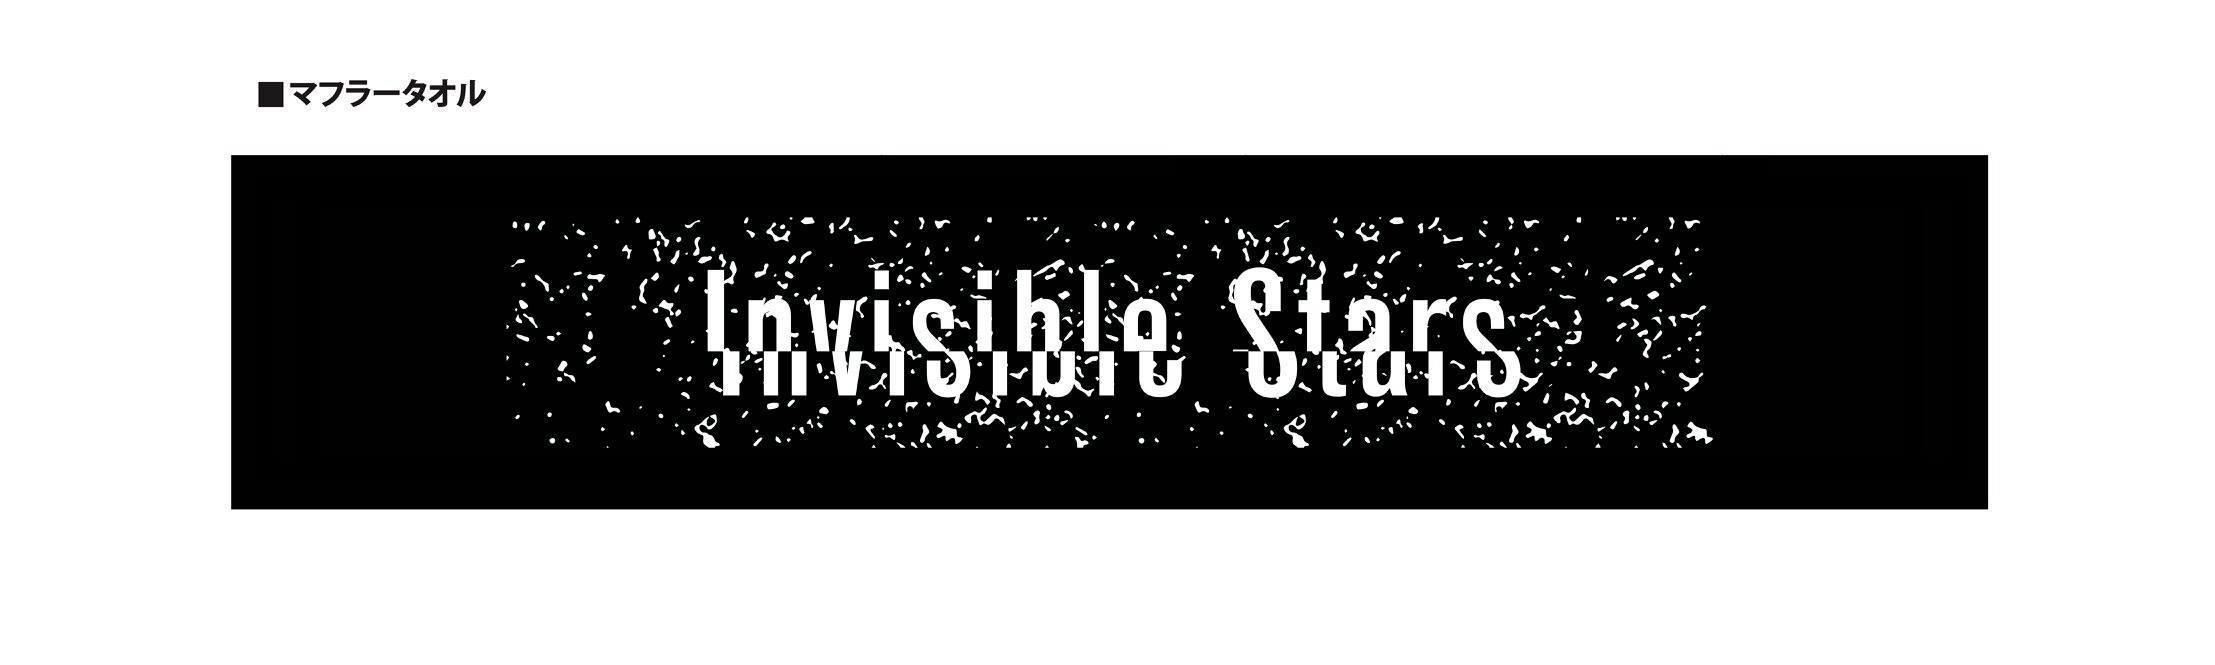 Invisible Stars マフラータオル